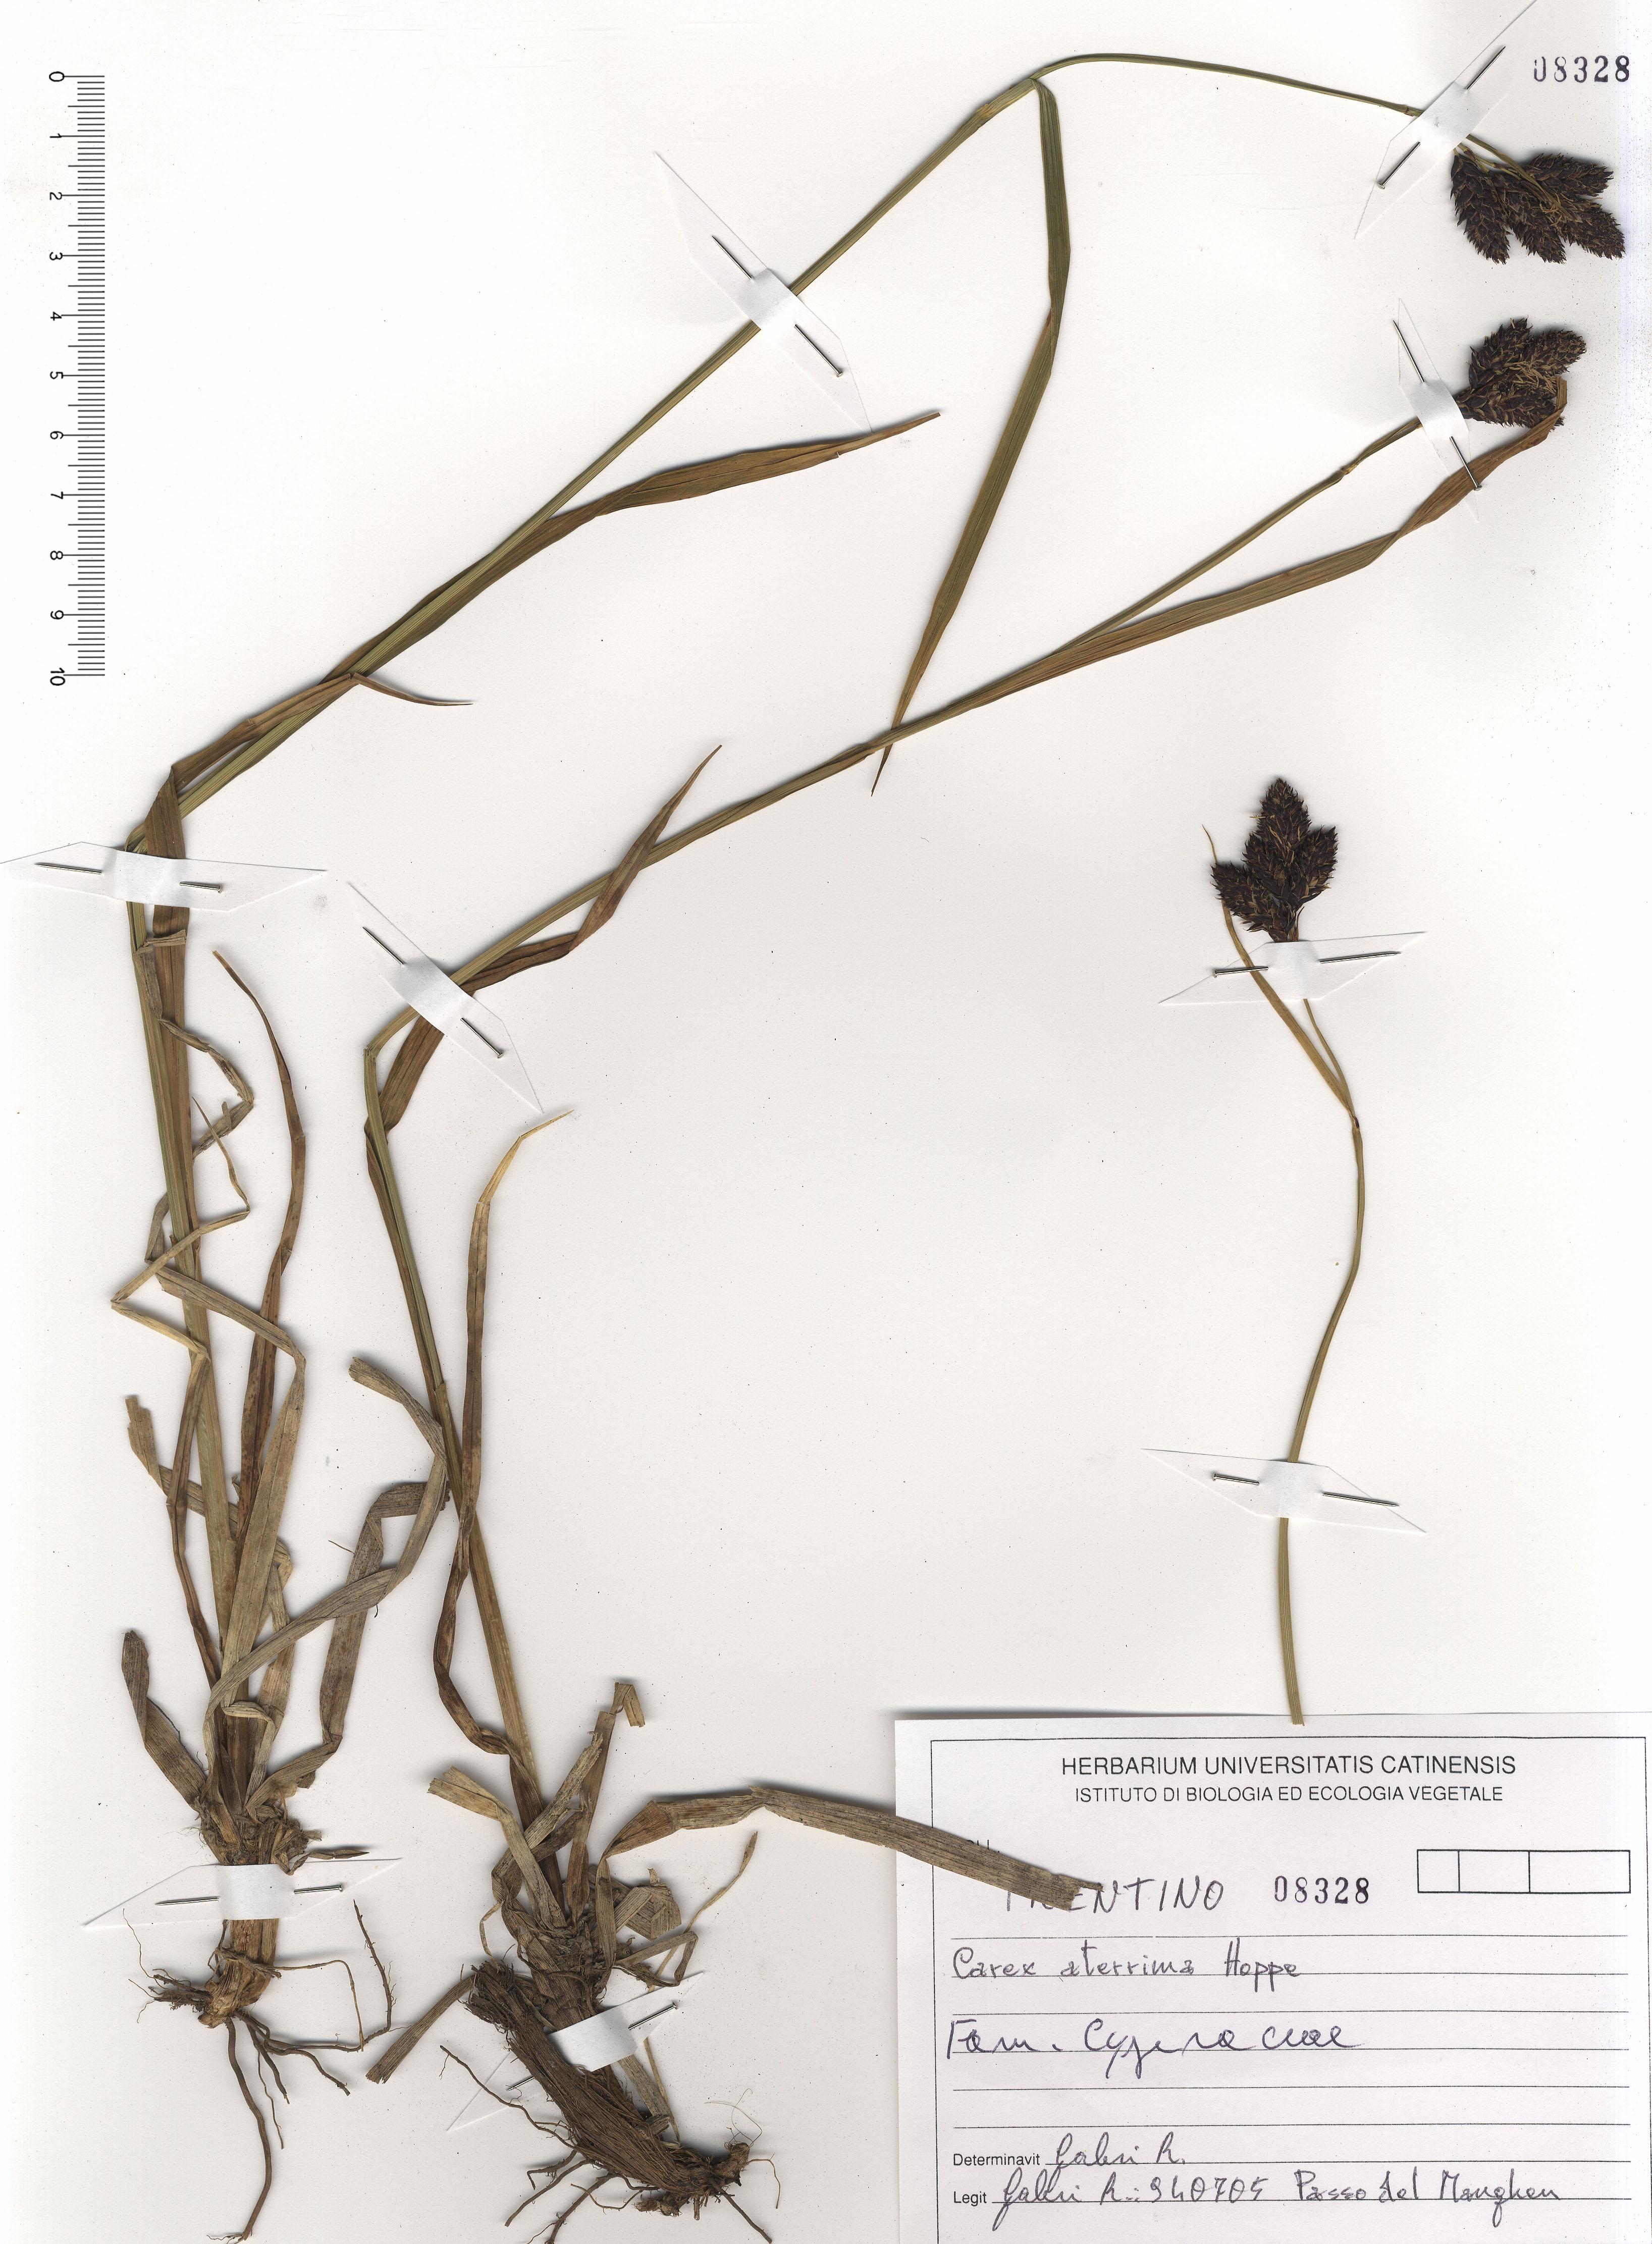 © Hortus Botanicus Catinensis - Herb. sheet 108328<br>